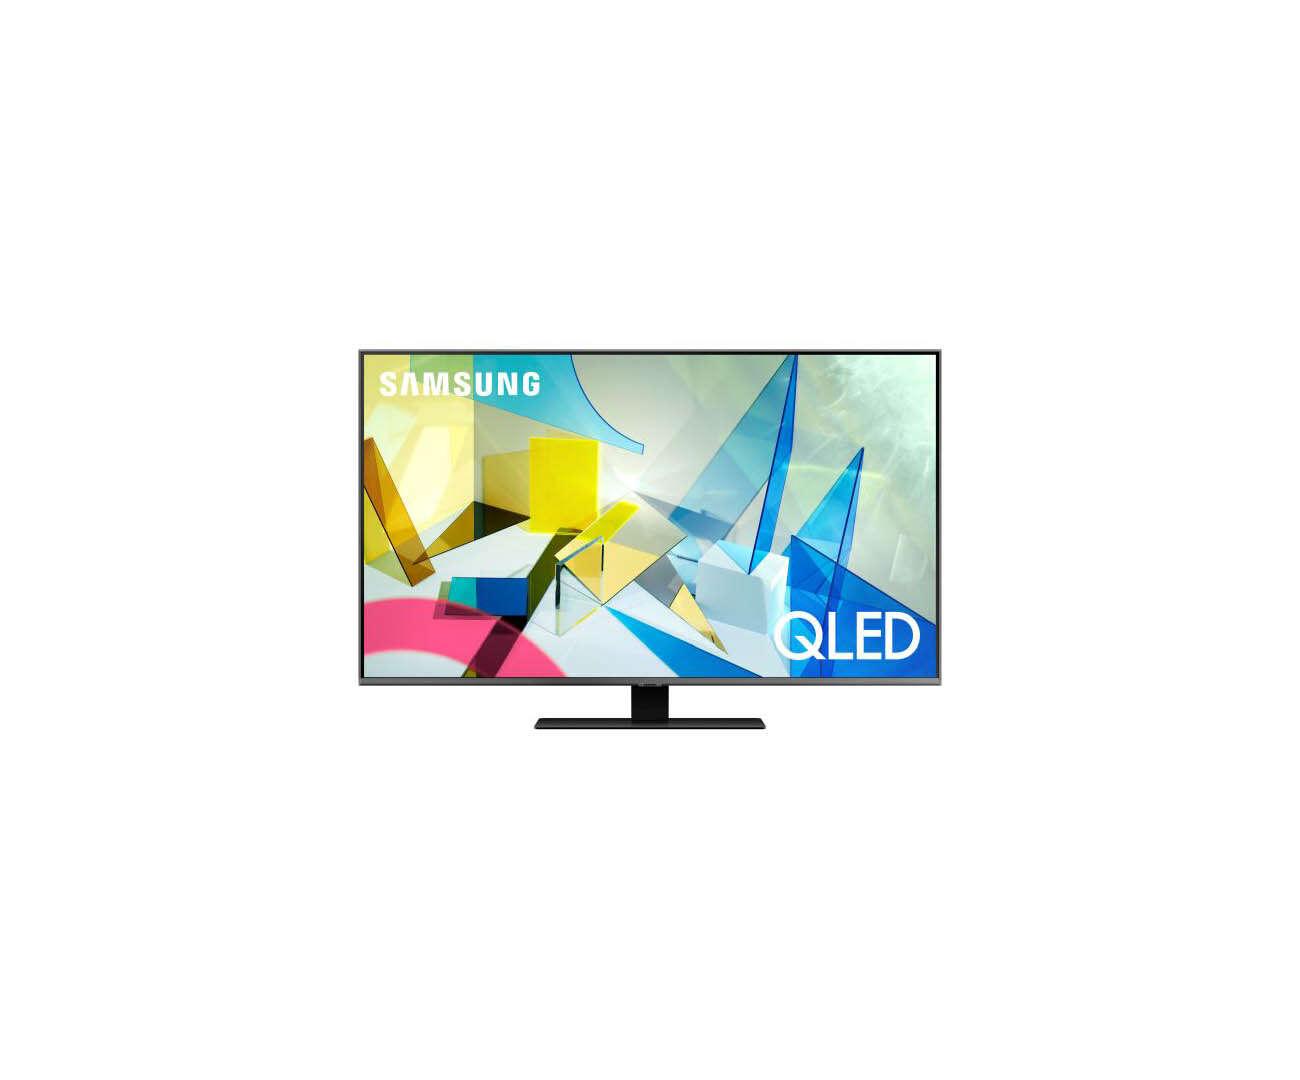 Promocja na duże telewizory Samsung. Nawet 2000 złotych